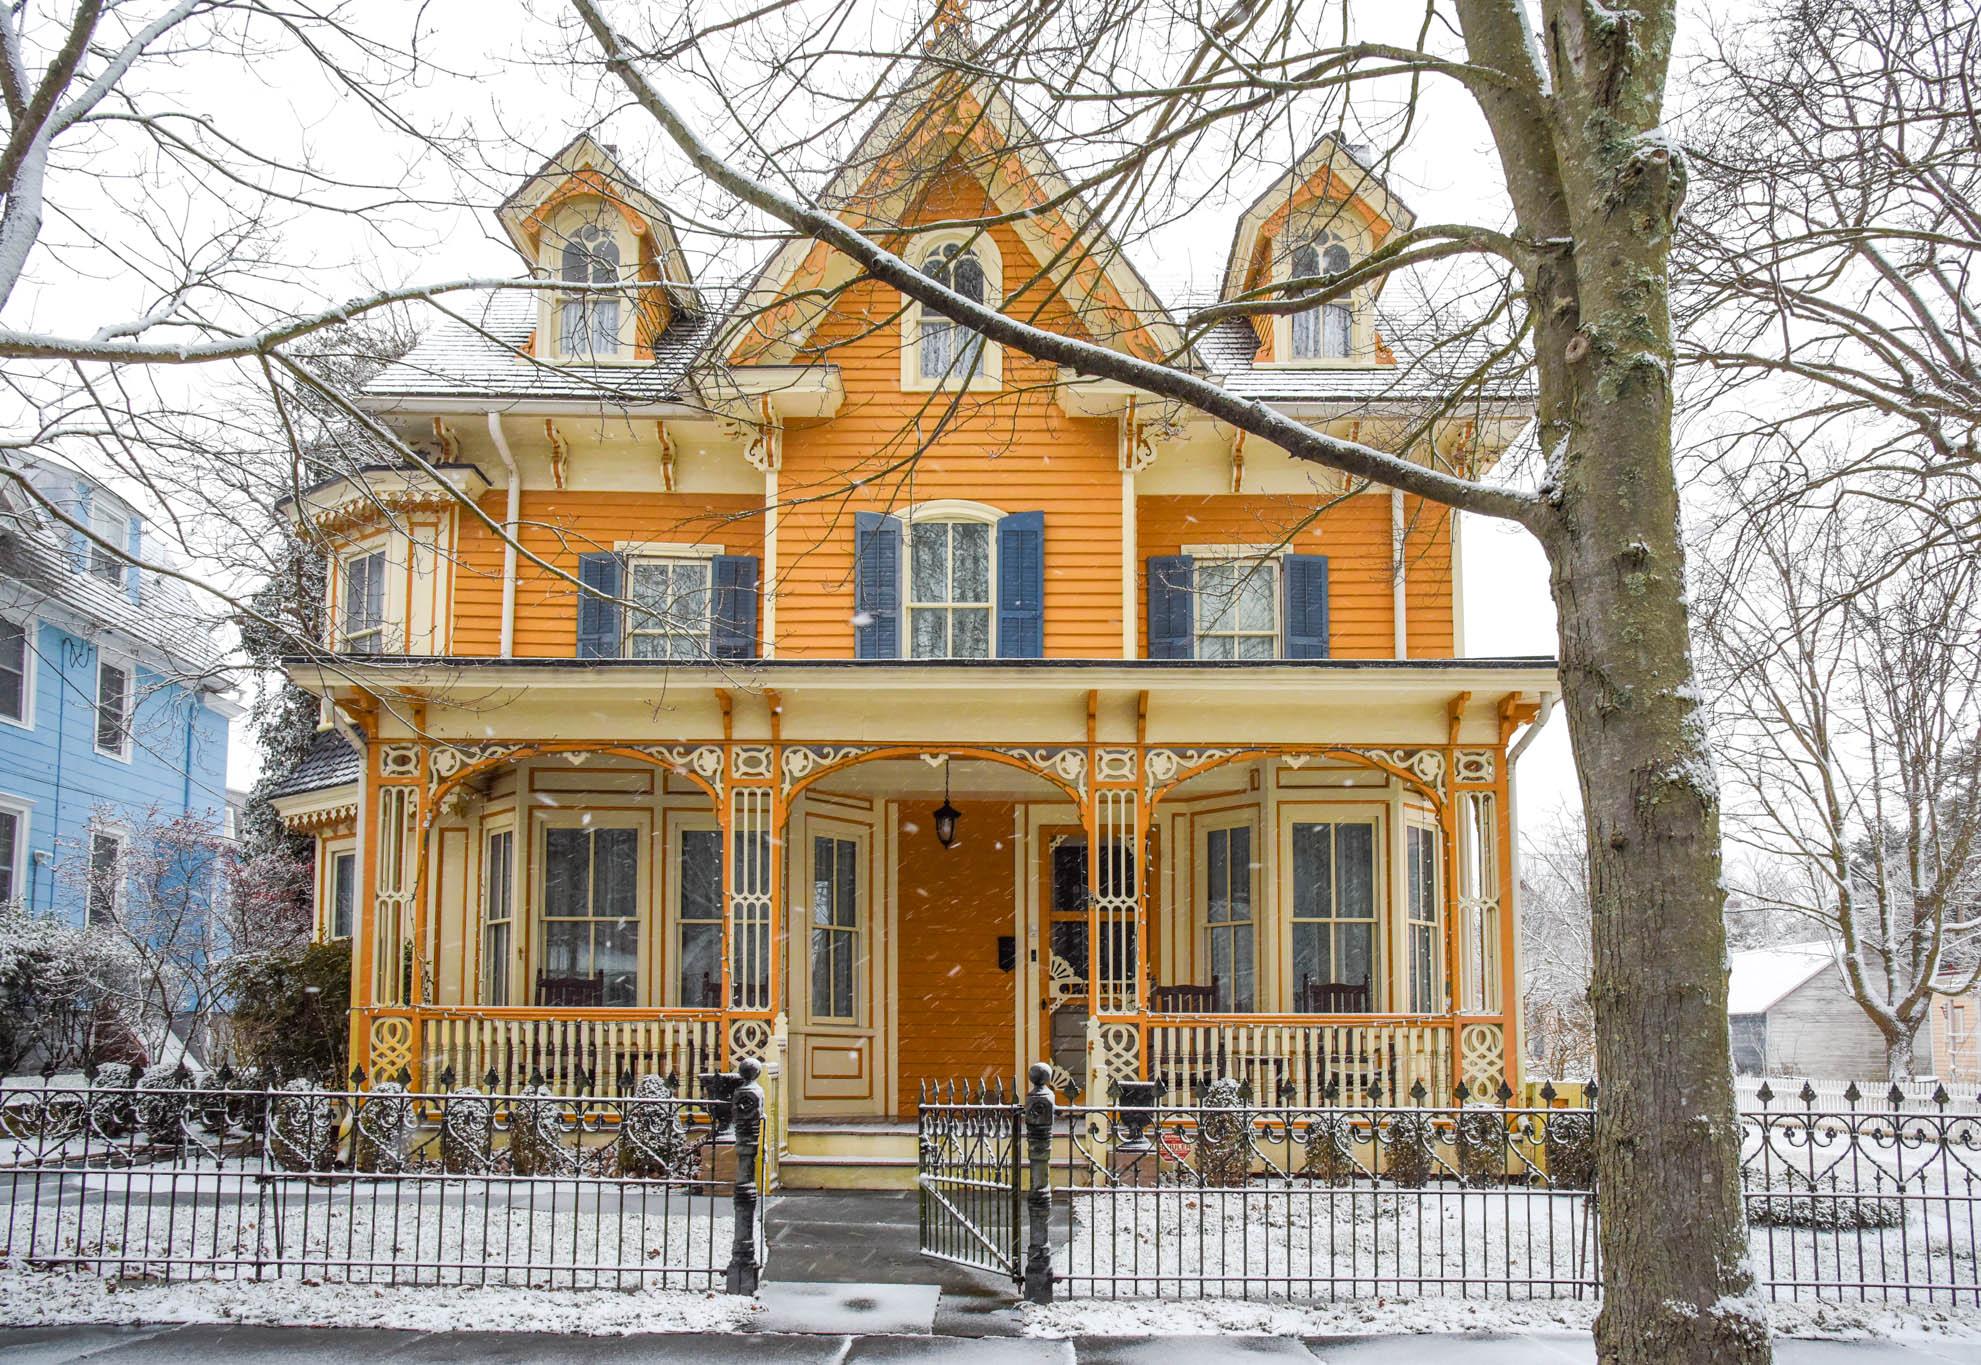 Joseph Hall Cottage on Hughes Street